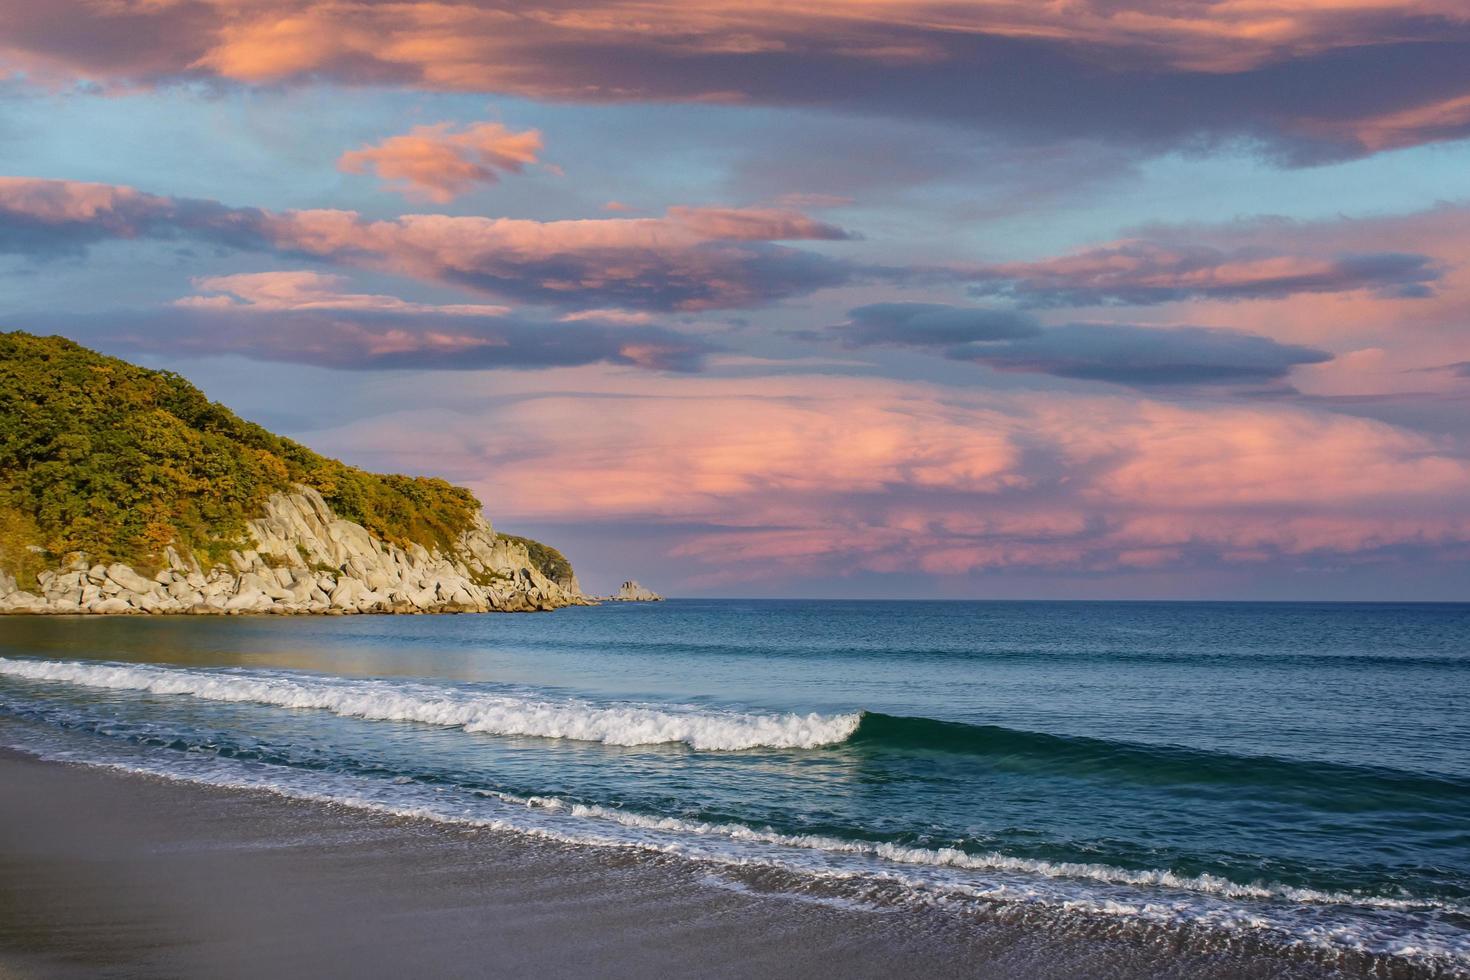 zeegezicht met bergen en kleurrijke bewolkte hemel foto